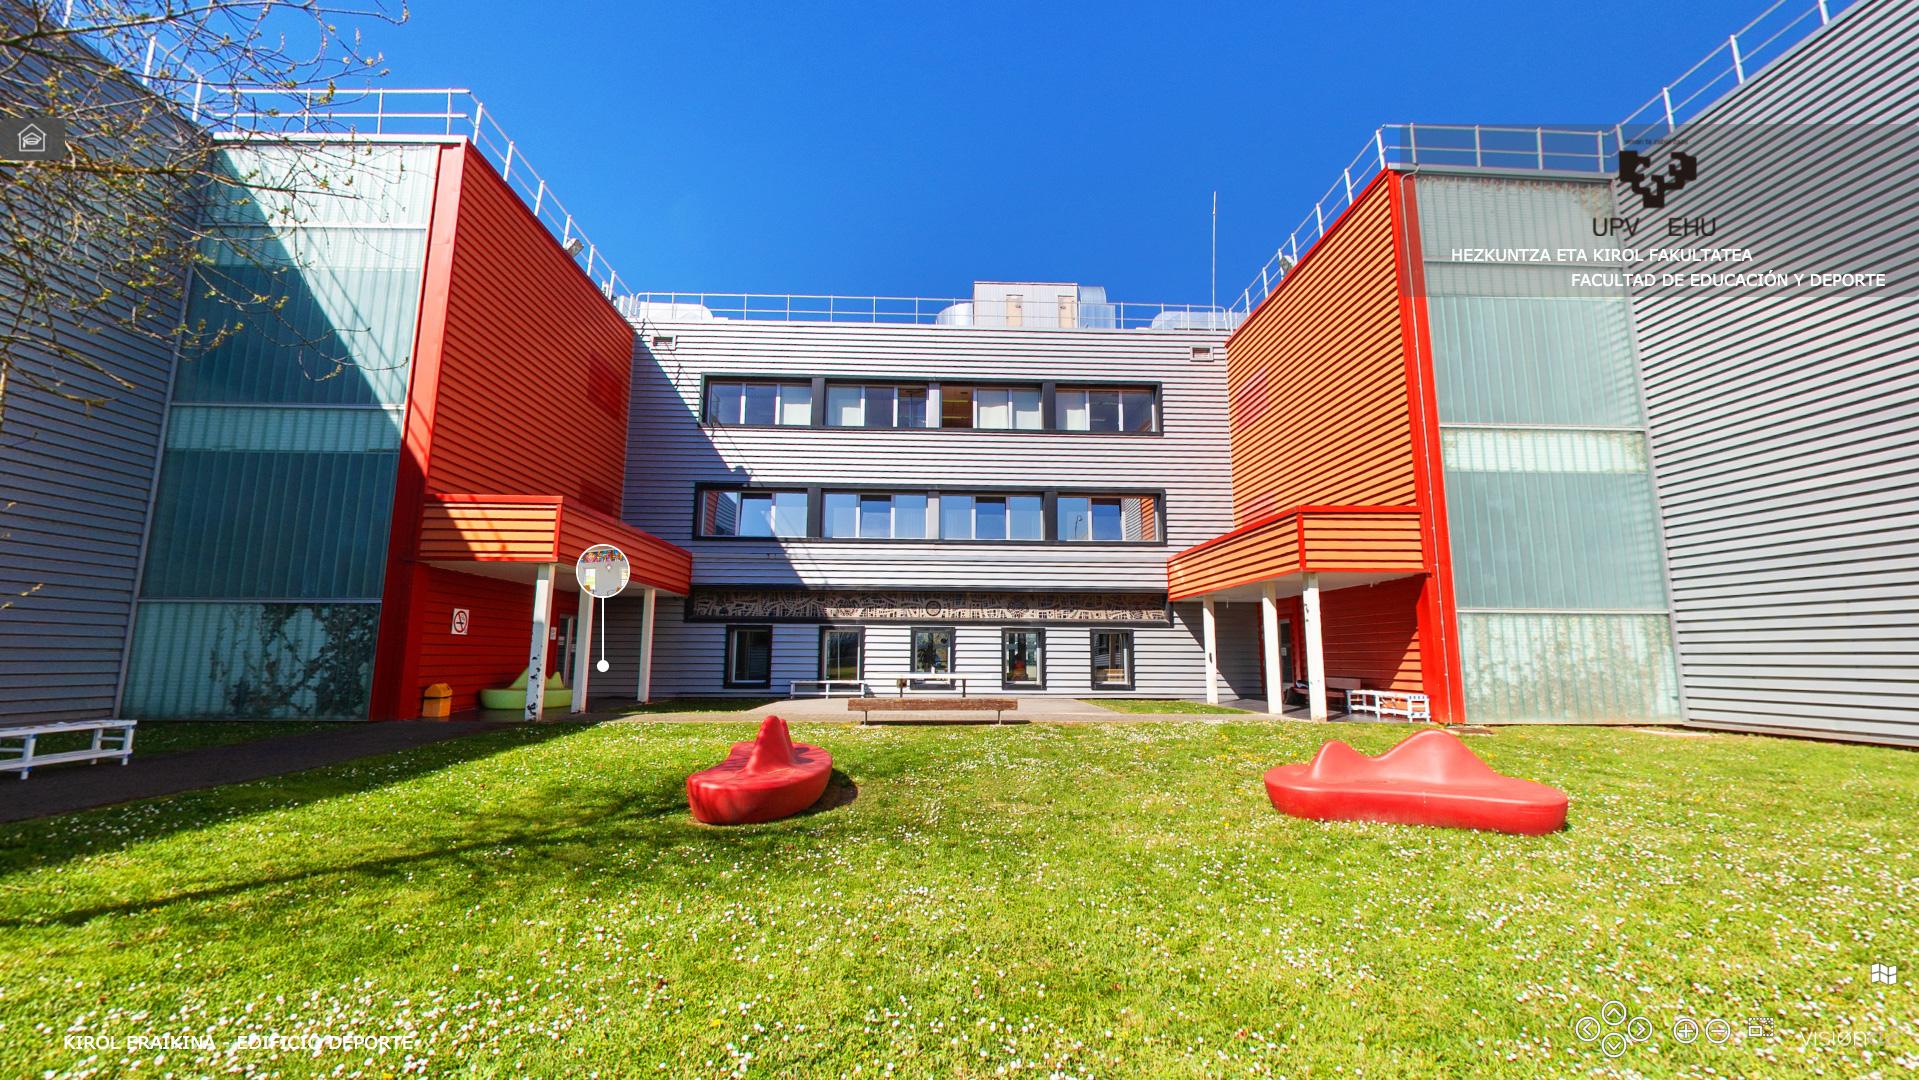 Visita Virtual 360º - Facultad de Educación y Deporte - UPV-EHU. Edificio Deporte